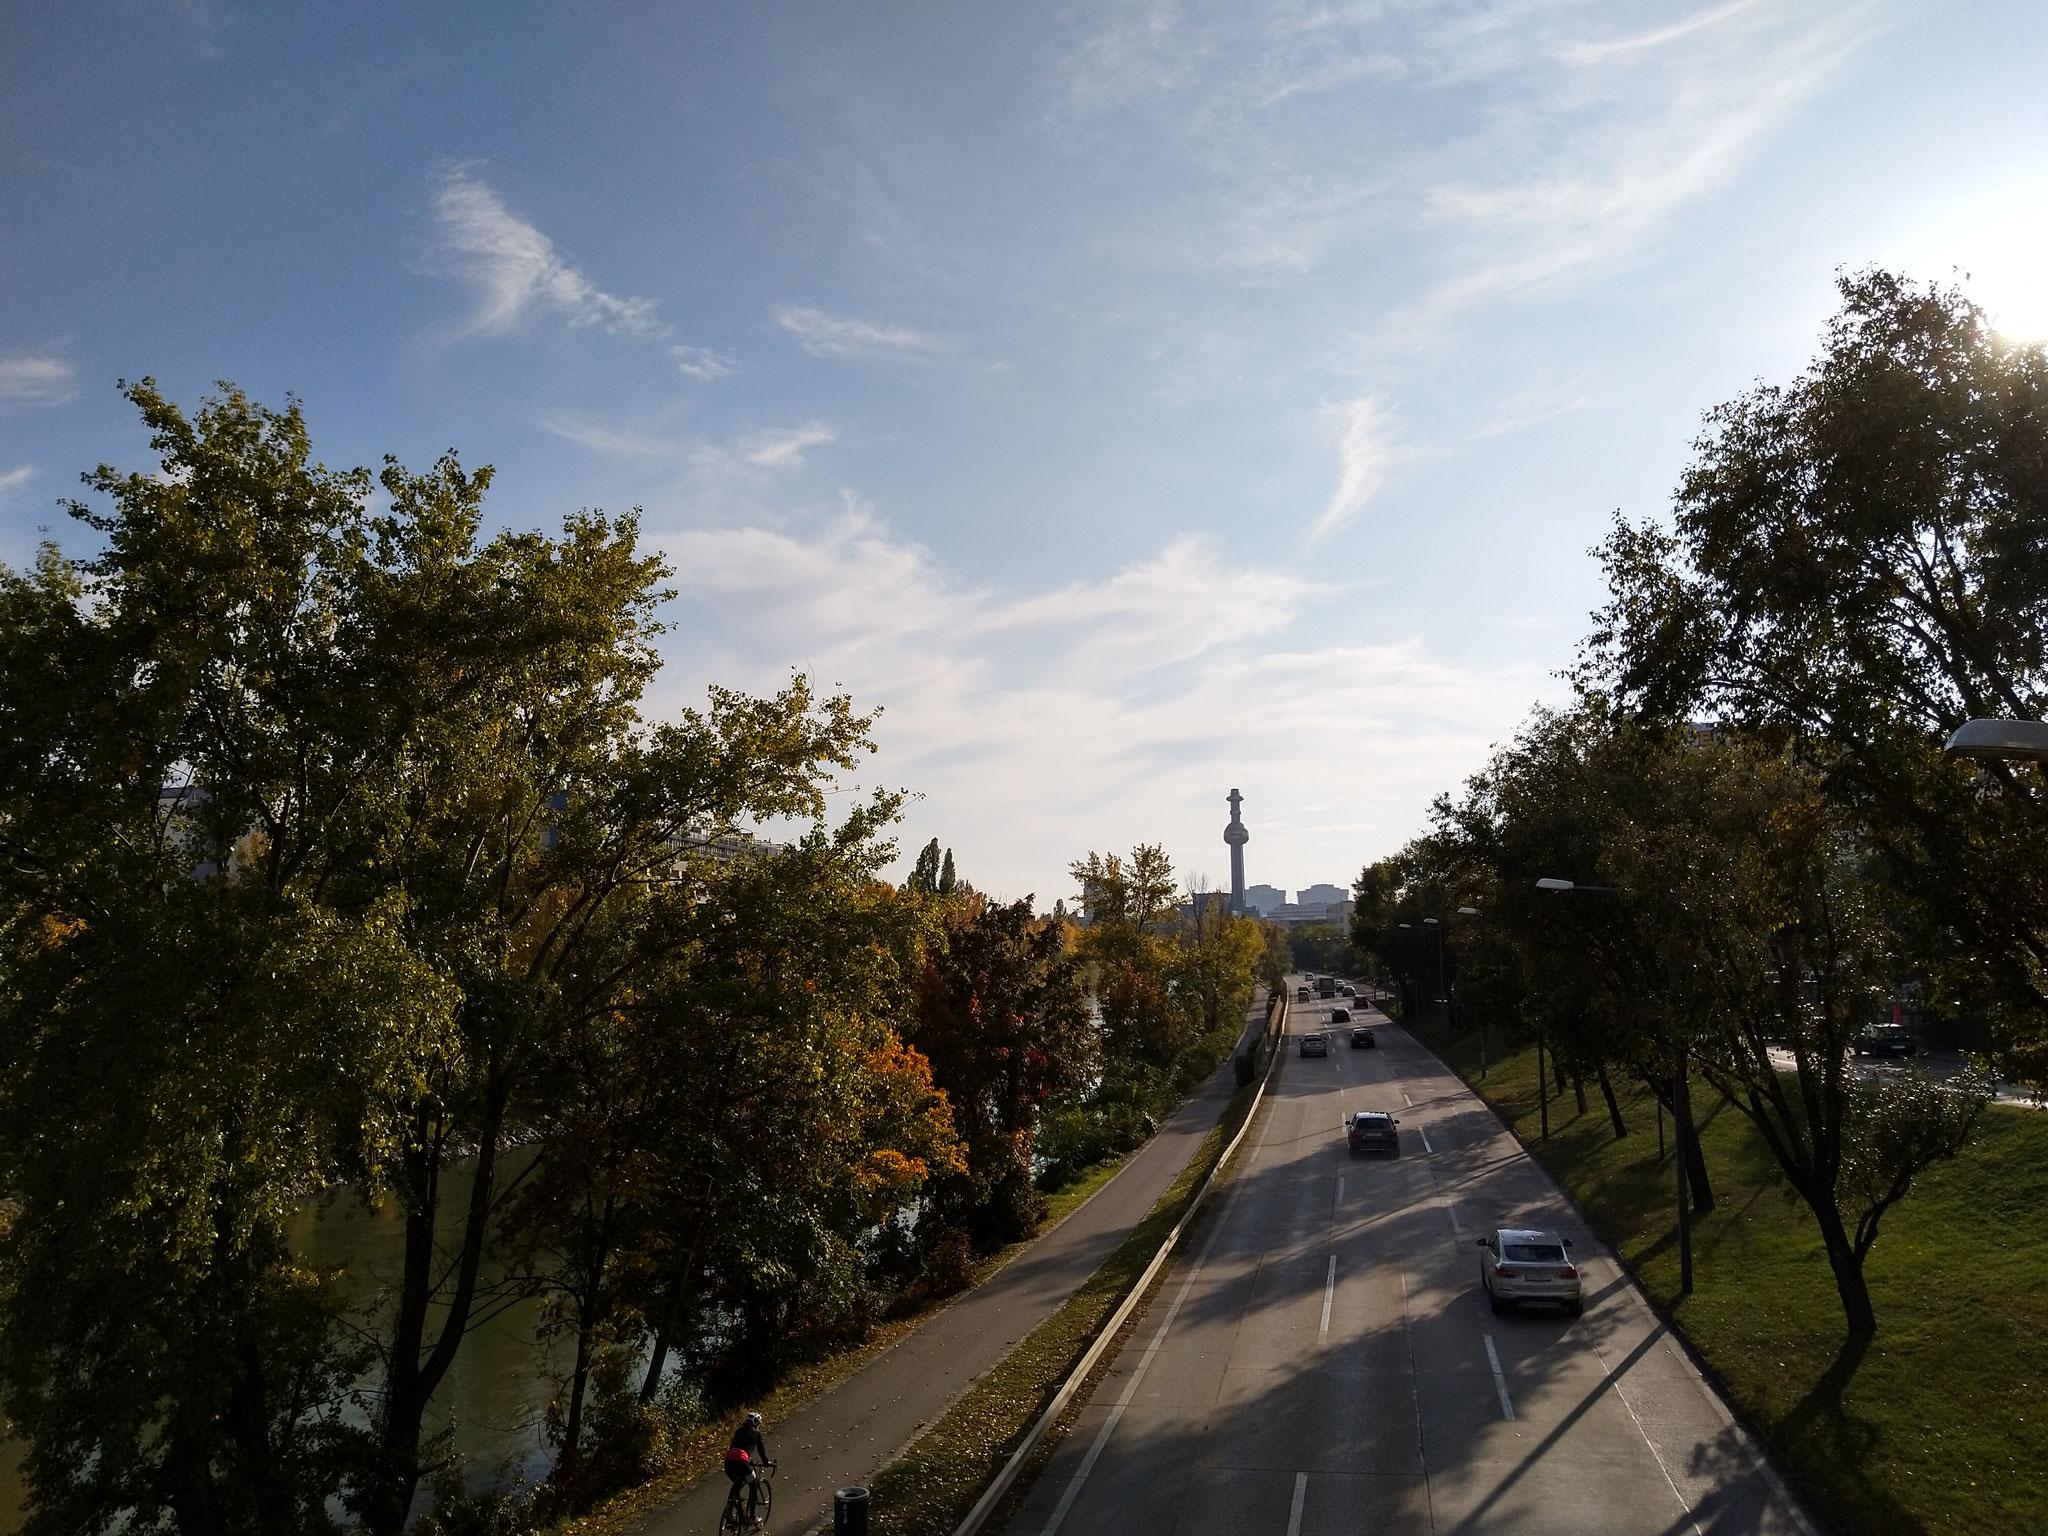 Giro Donaukanal in bici: Inceneritore Spittelau di Hundertwasser